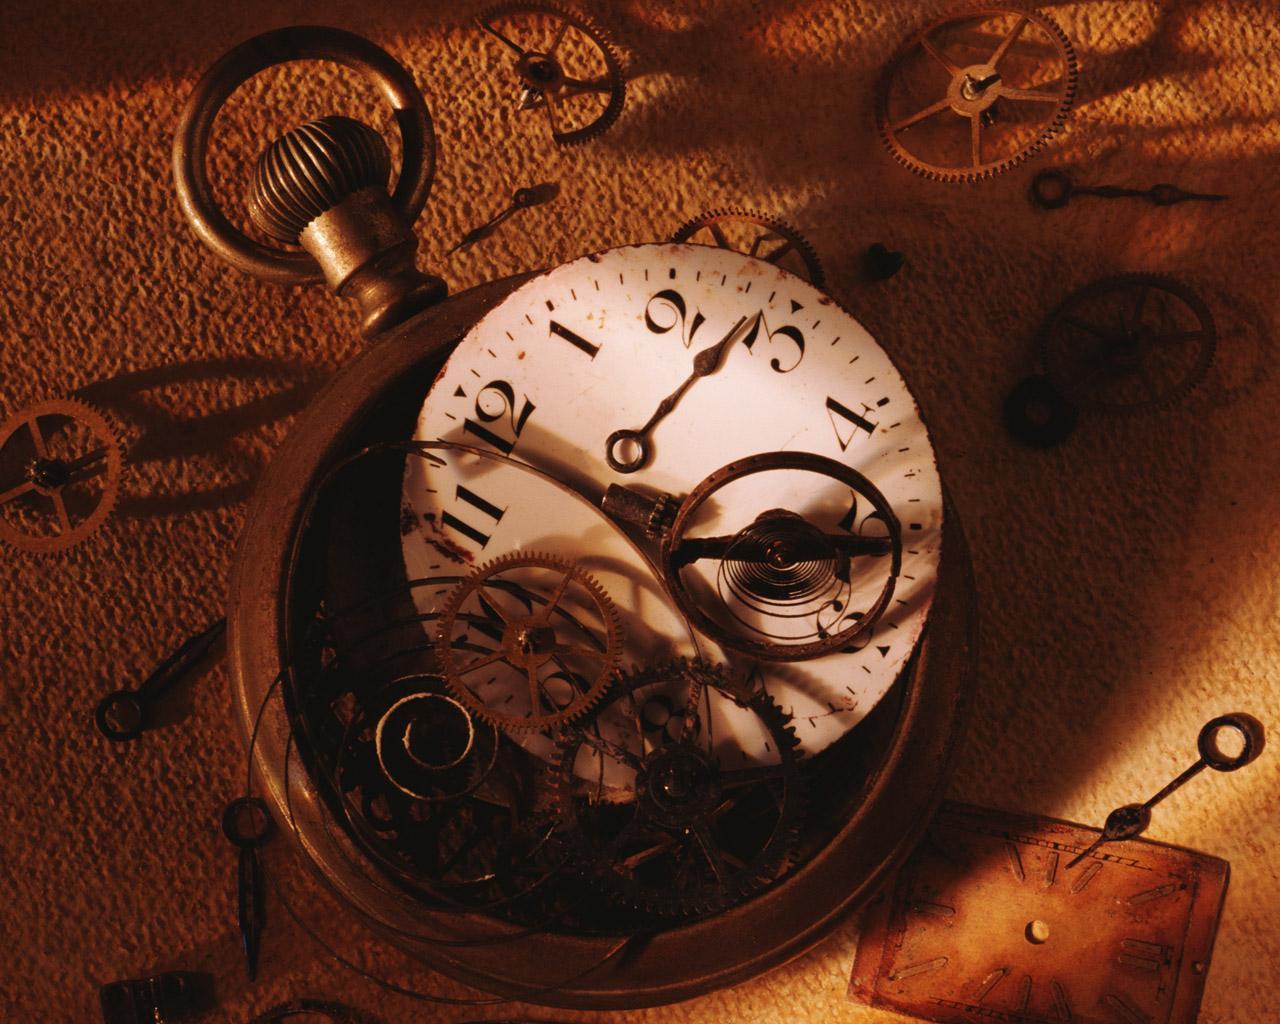 晚安的说说致自己简短一句话:成长有时就在一夜之间